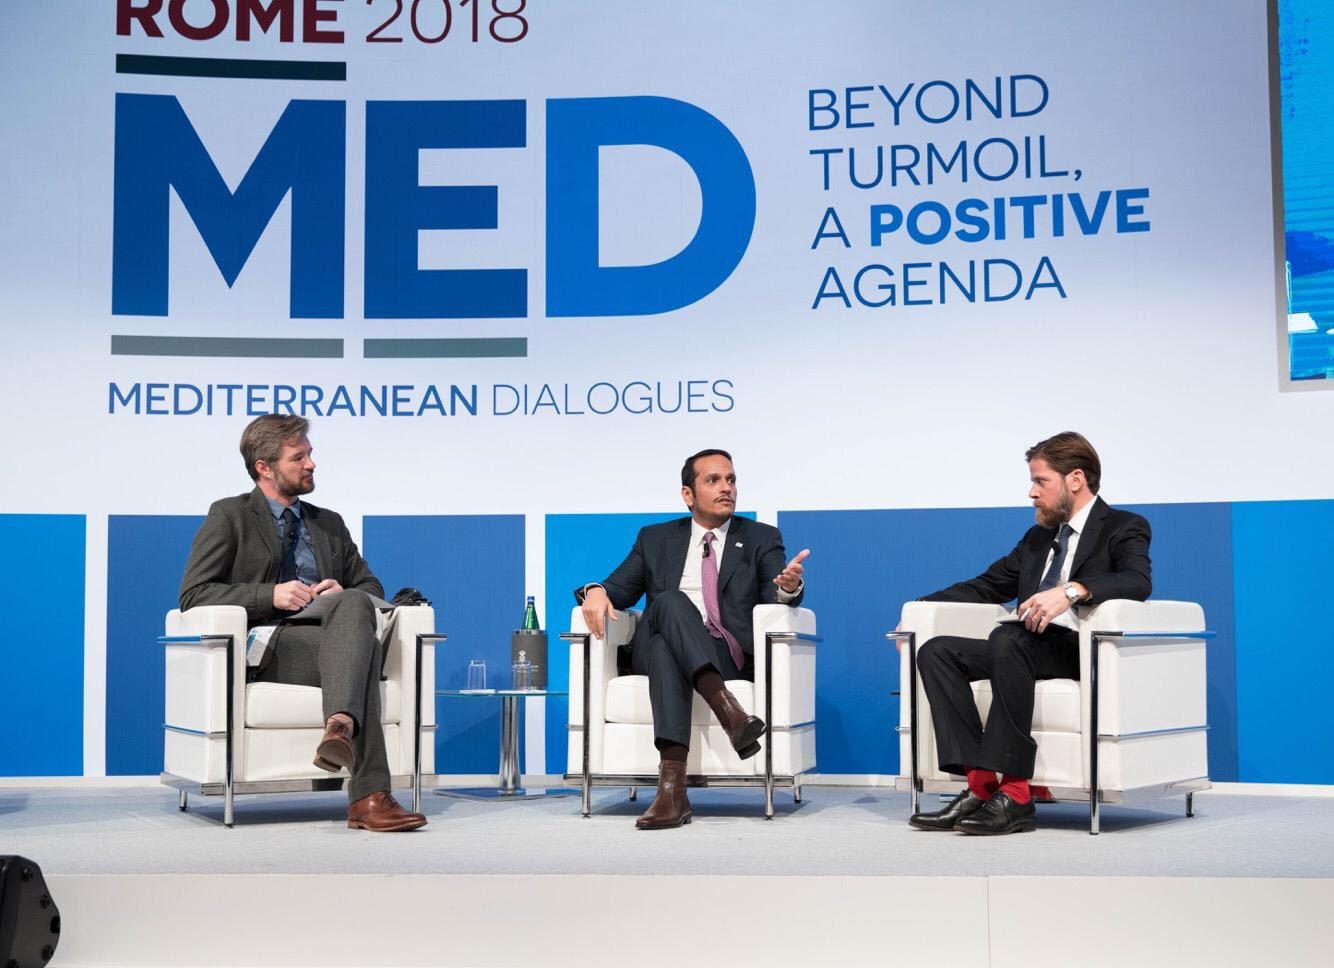 نائب رئيس مجلس الوزراء وزير الخارجية: الشرق الأوسط انتقل من وضع سيئ إلى أسوأ خلال العقد الماضي نظرا لأزماته